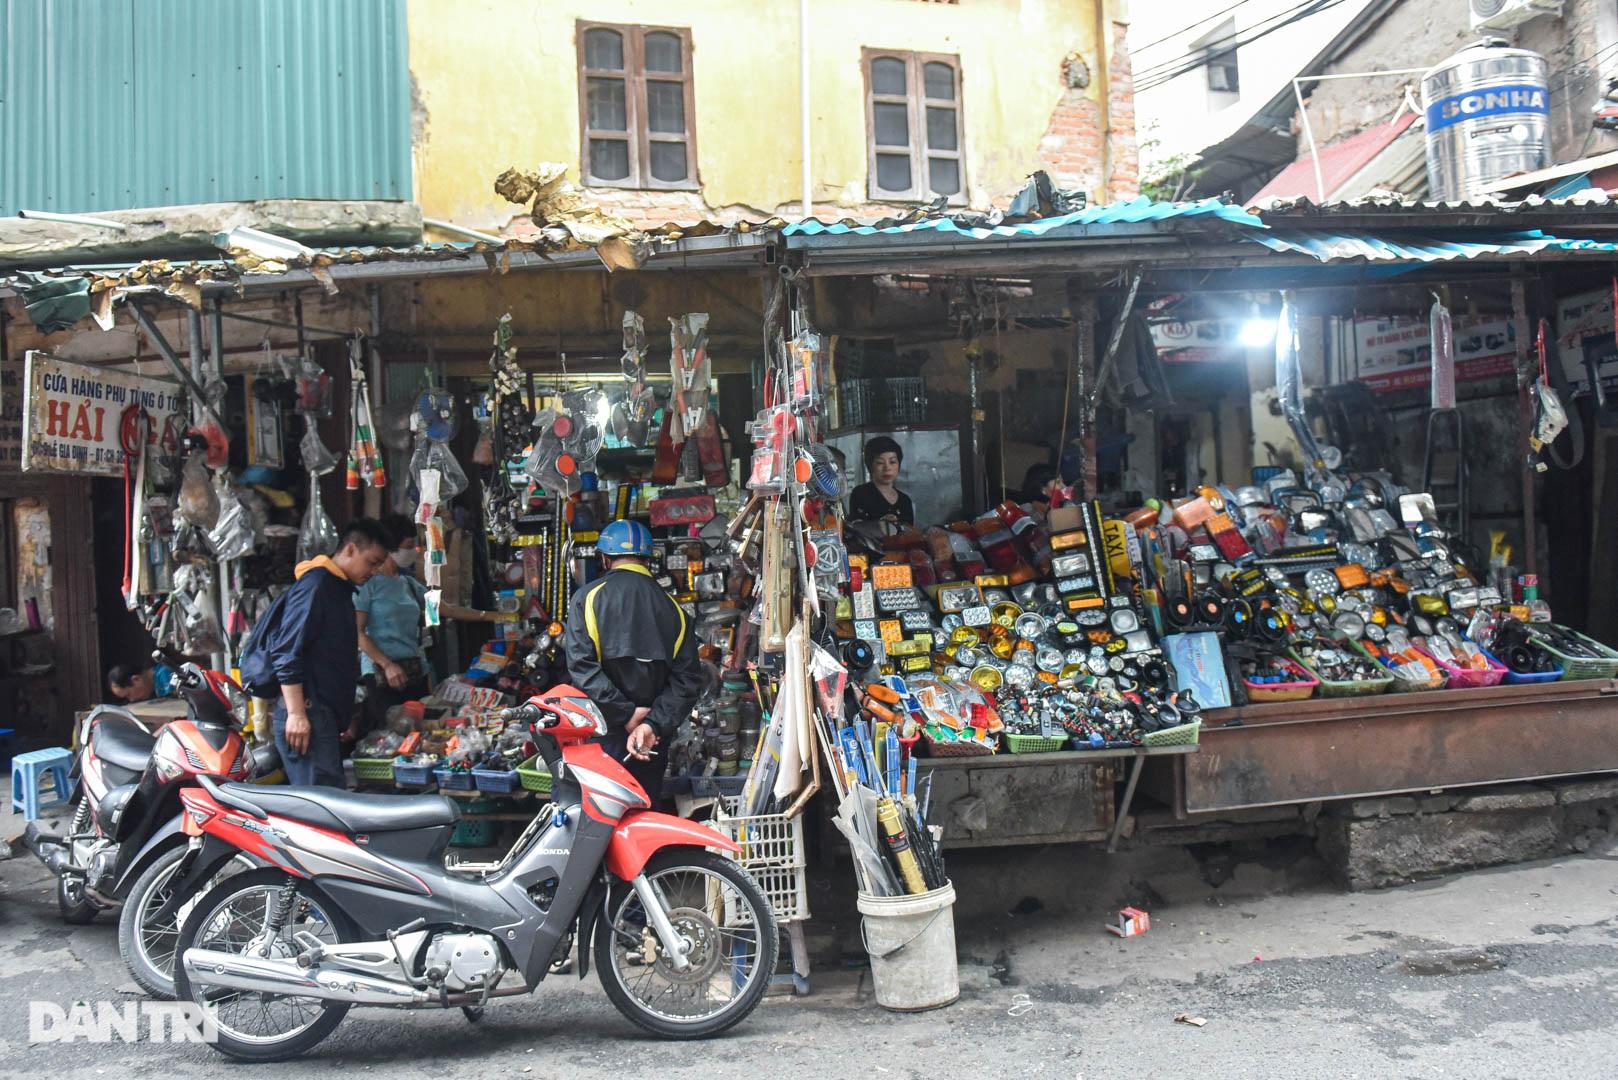 Khu chợ có cái tên độc, lạ bán đủ loại thượng vàng, hạ cám ở Hà Nội - 5